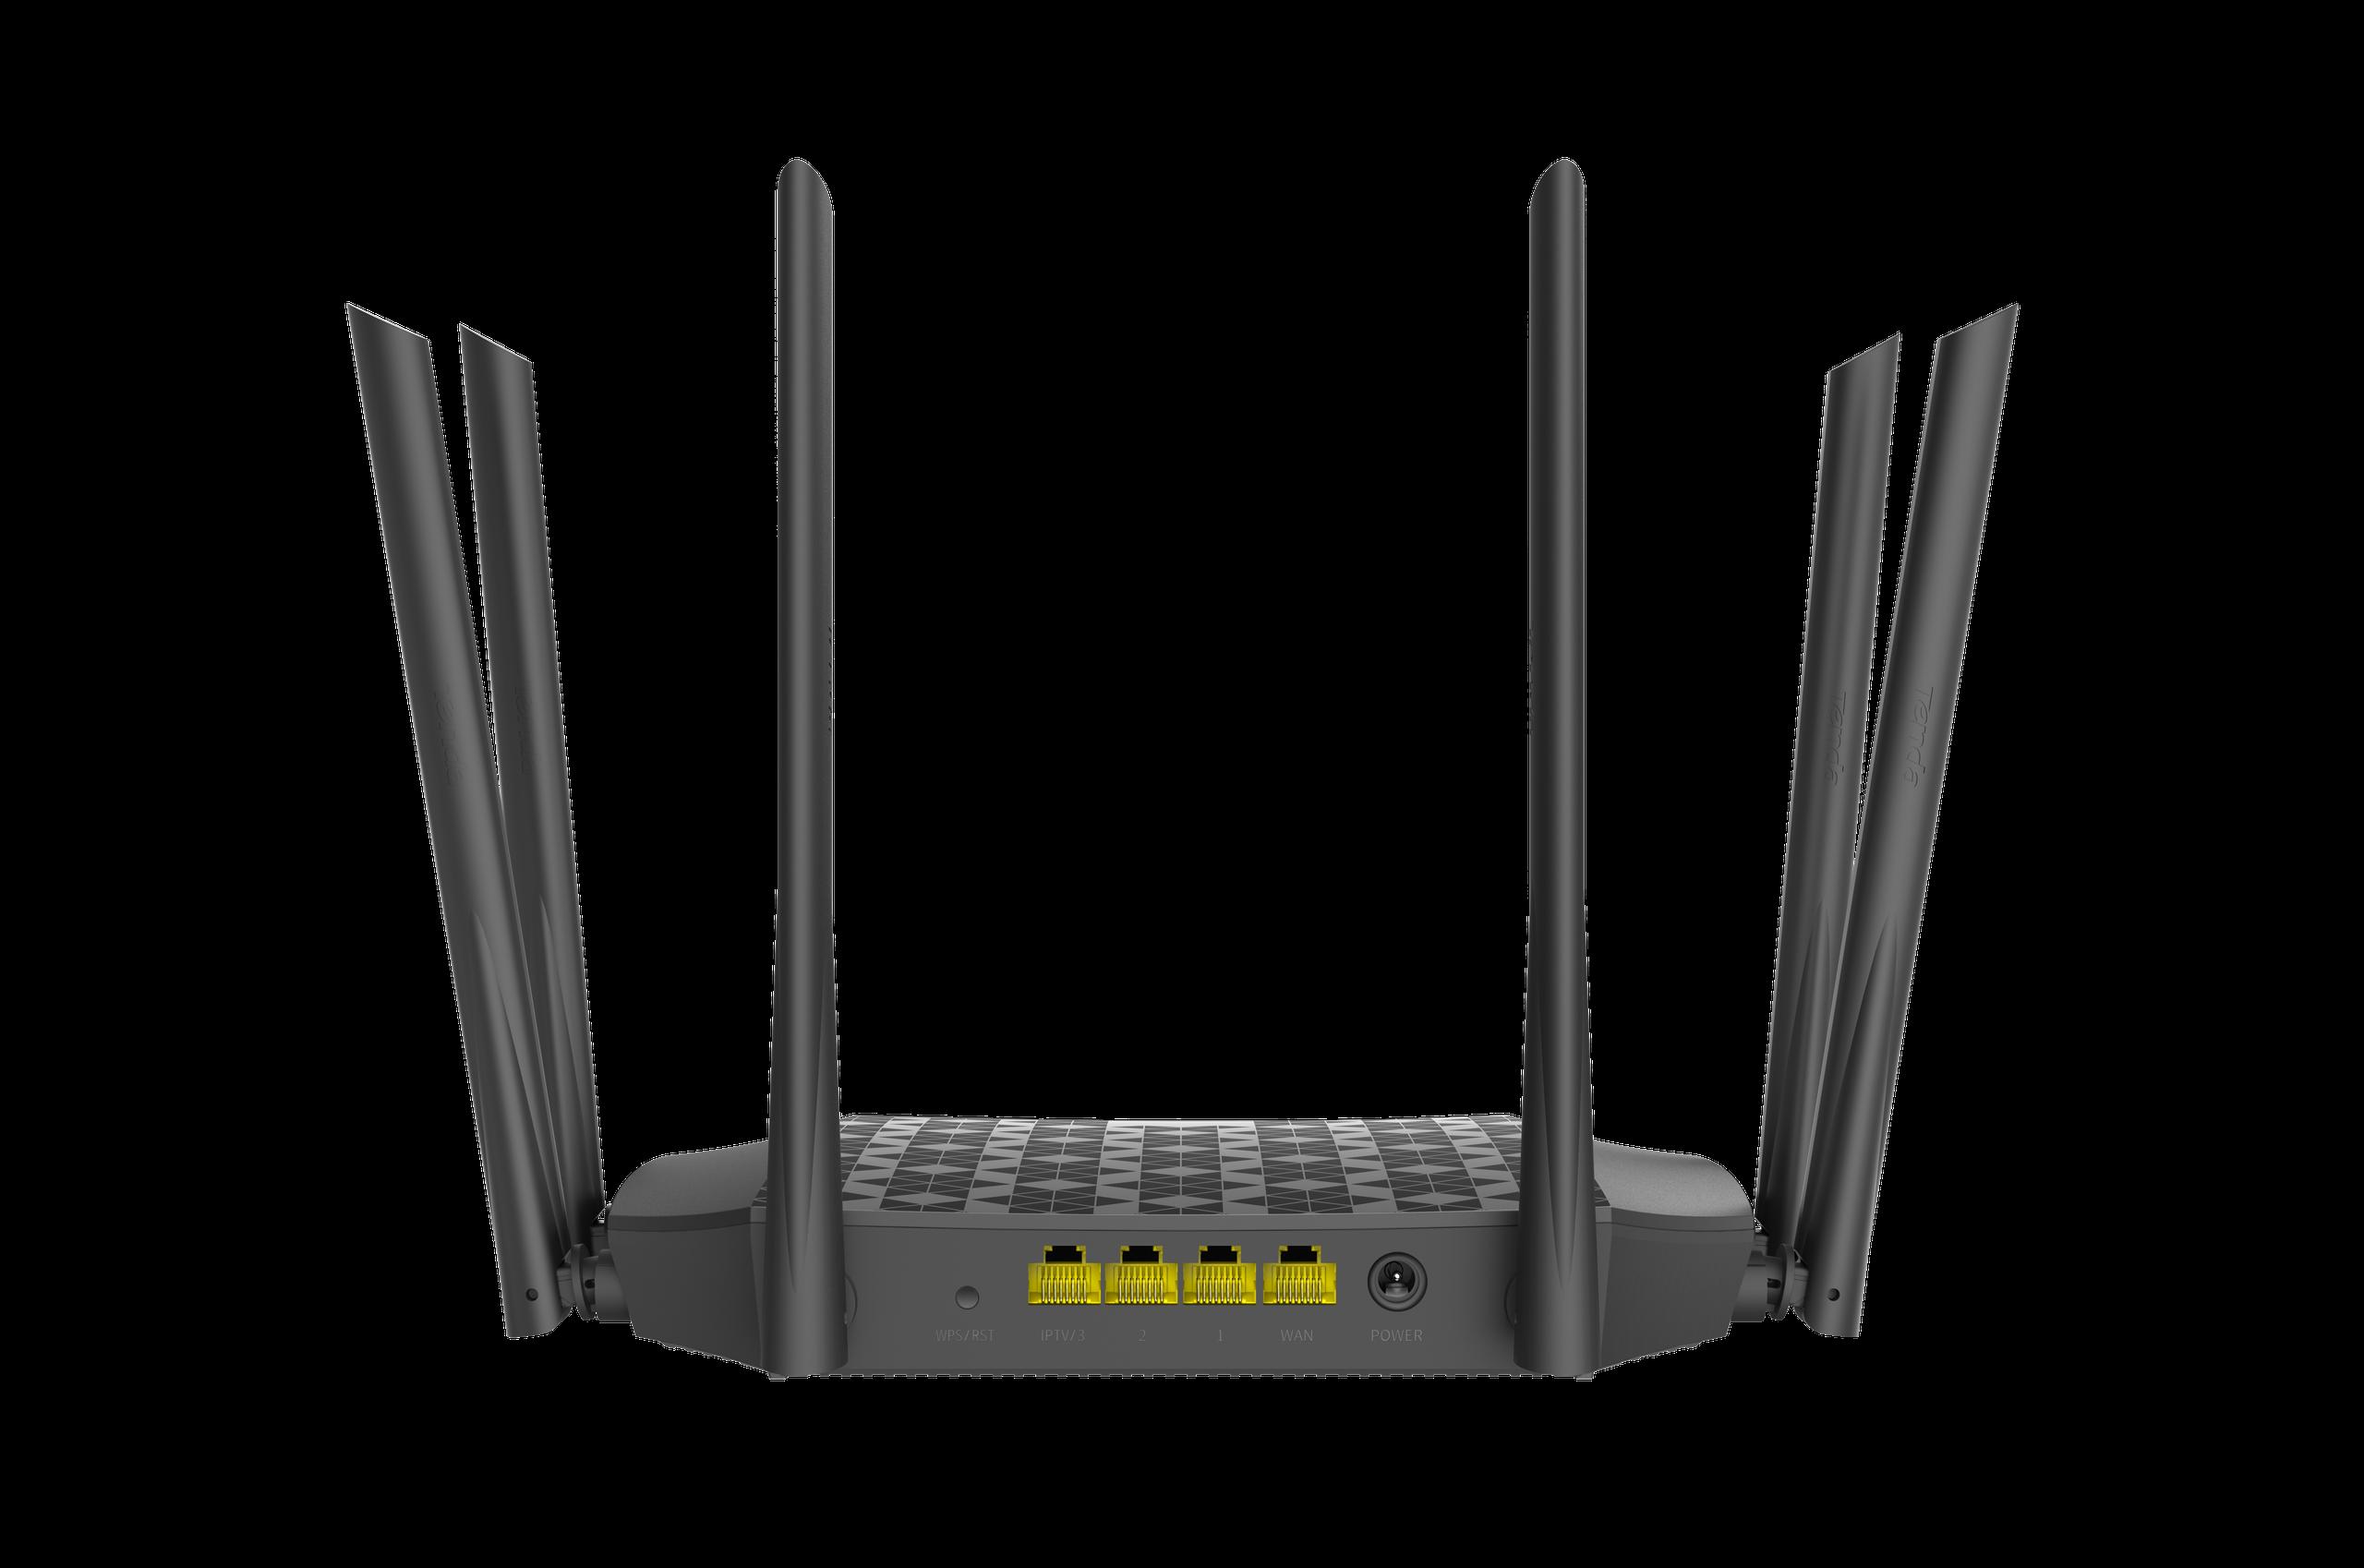 4x4 MU-MIMO dla pasma 5 GHz